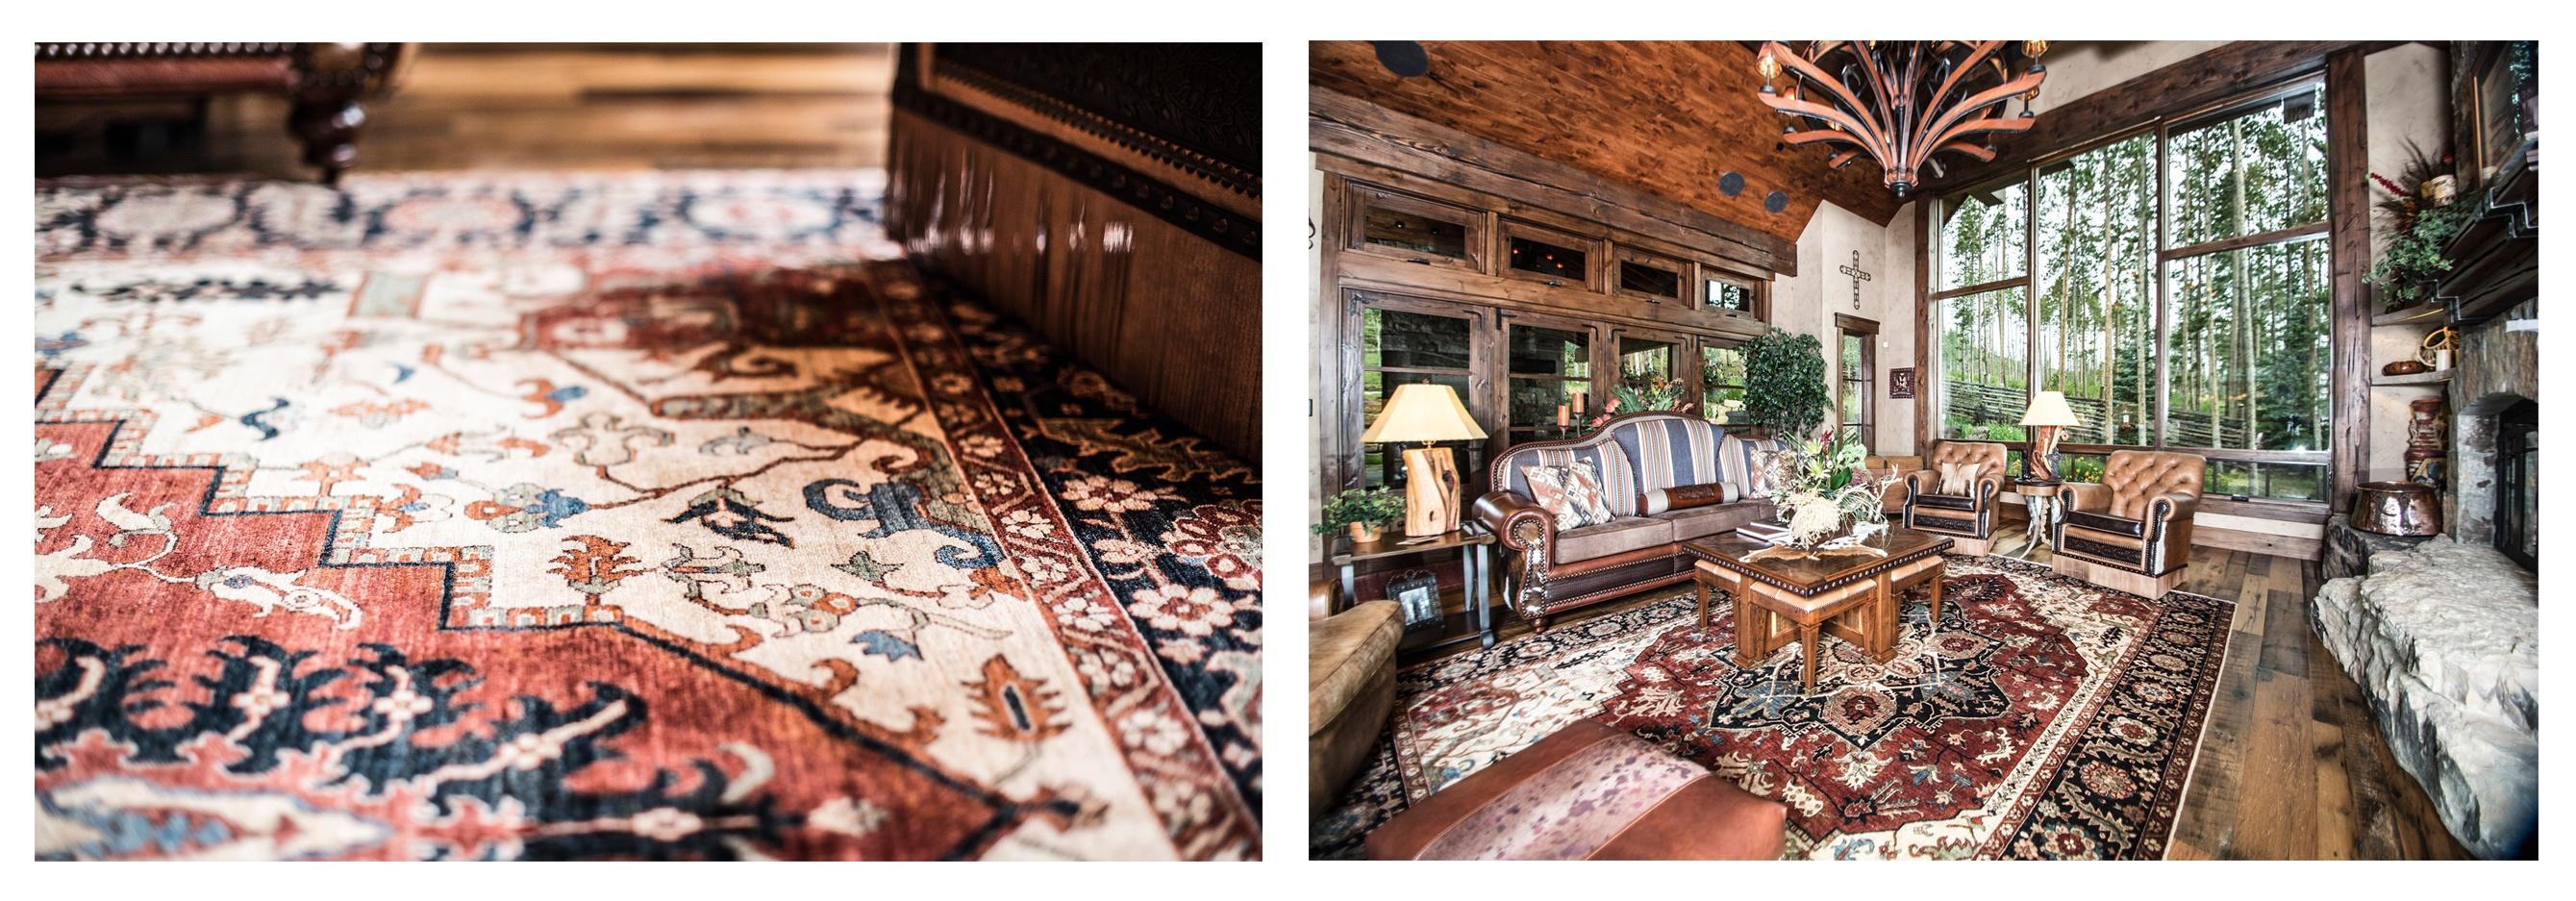 rustic_interior_design.jpg